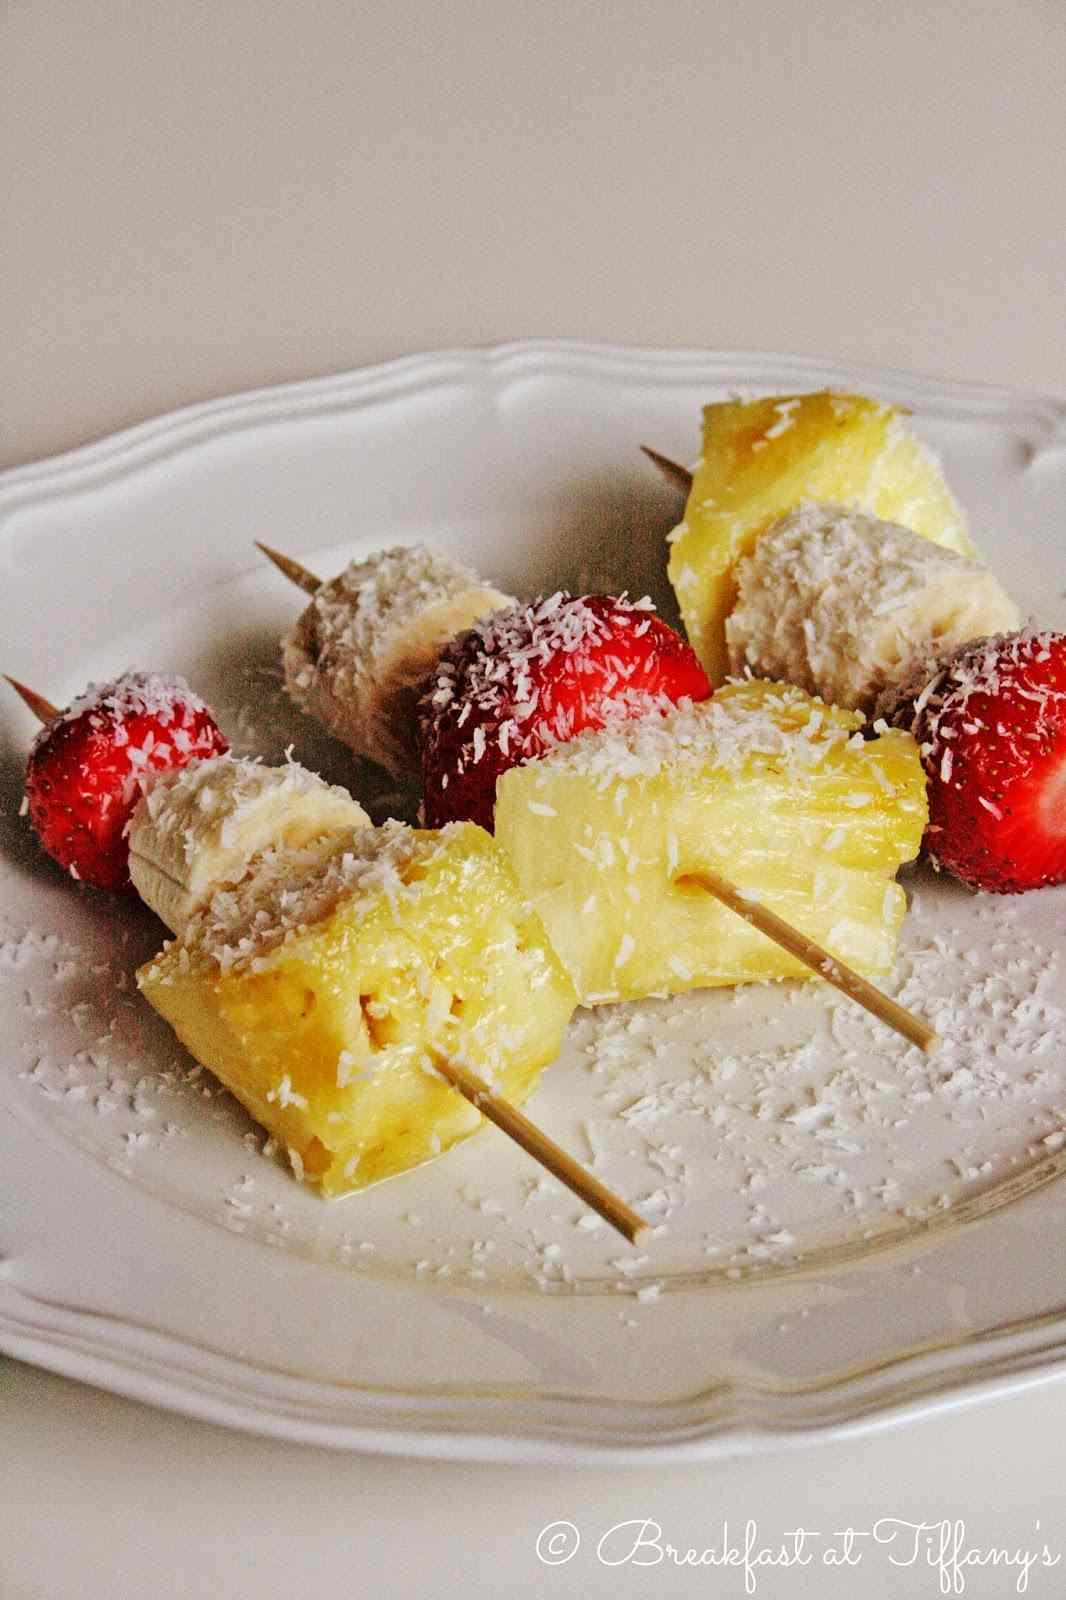 Ricetta: Spiedini di frutta al cocco / coconut skewers with fruit